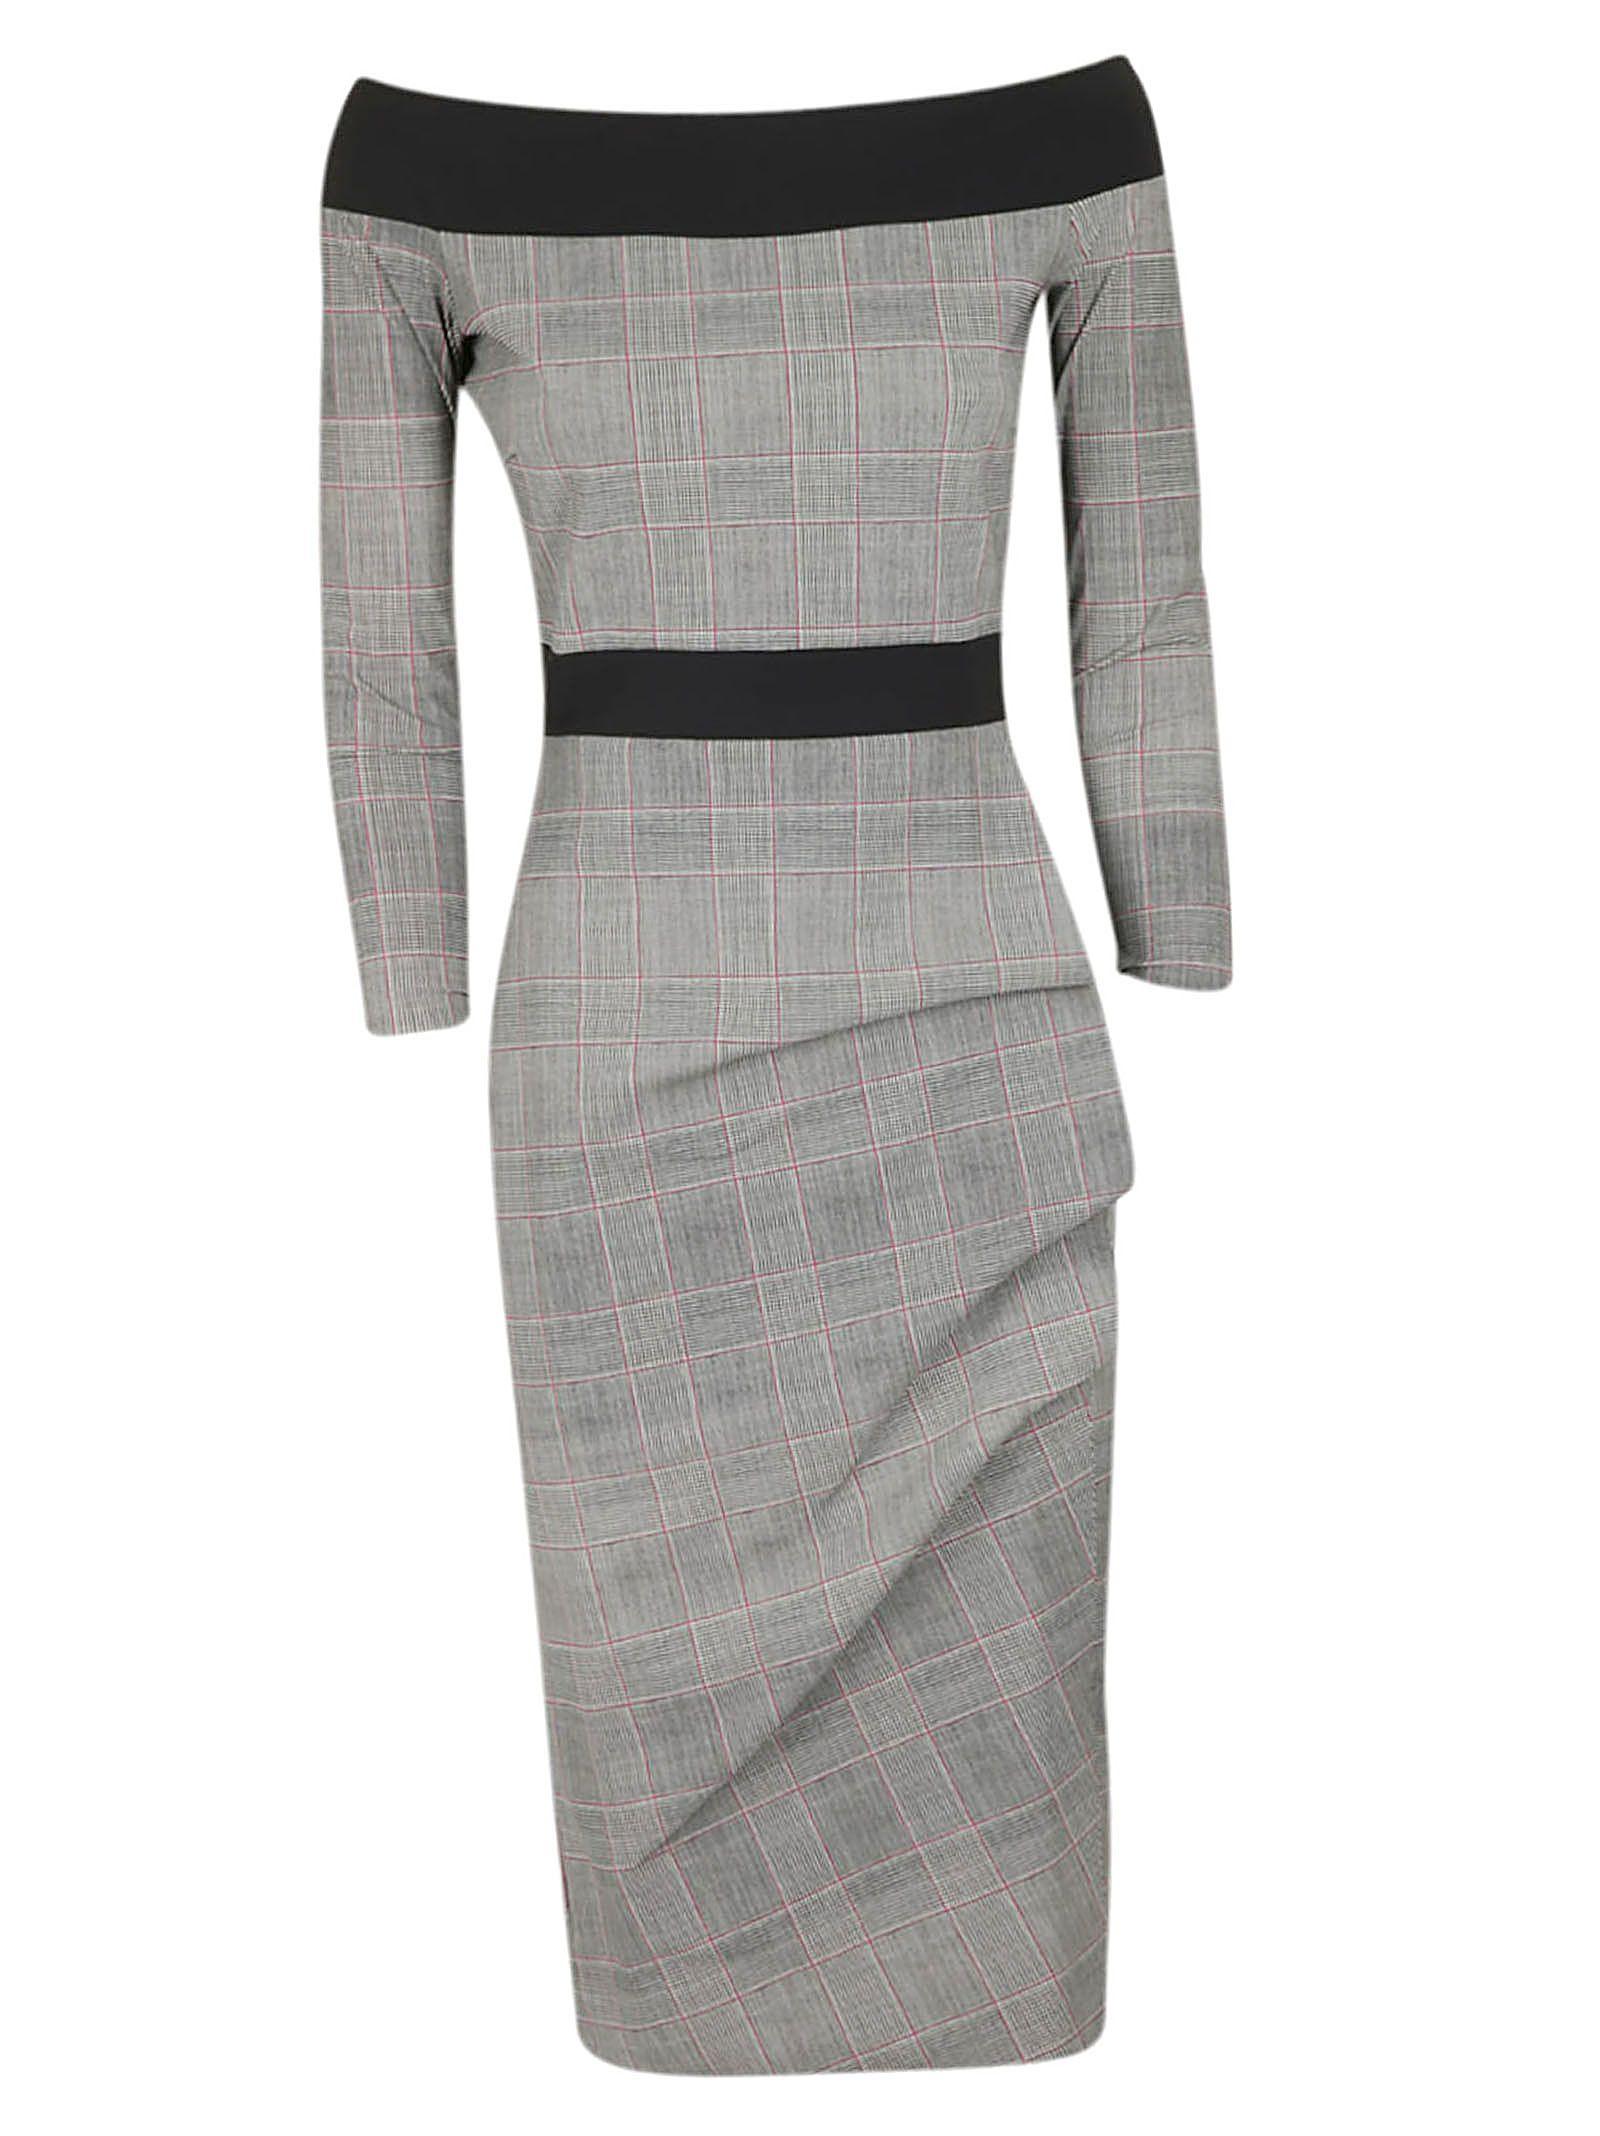 LA PETIT ROBE DI CHIARA BONI Larissa Off-The-Shoulder Dress in Nero/Grigio